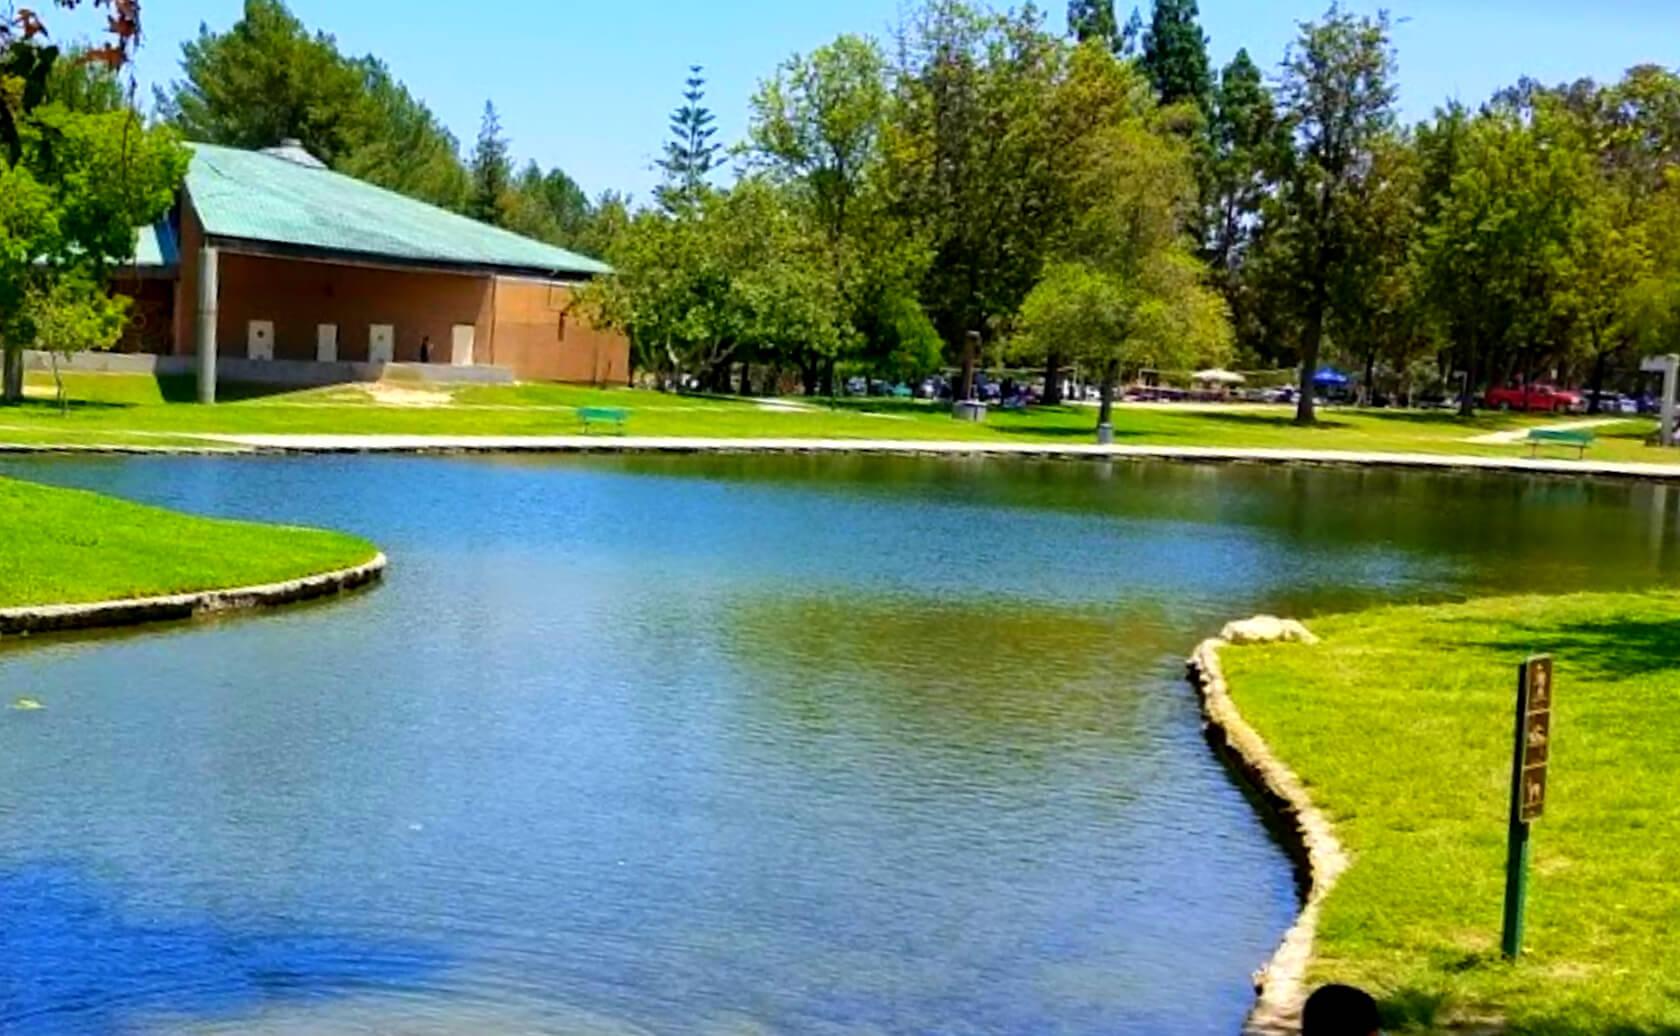 Clark-Regional-Park-Lake-Fishing-Guide-Report-Buena-Park-CA-05-1